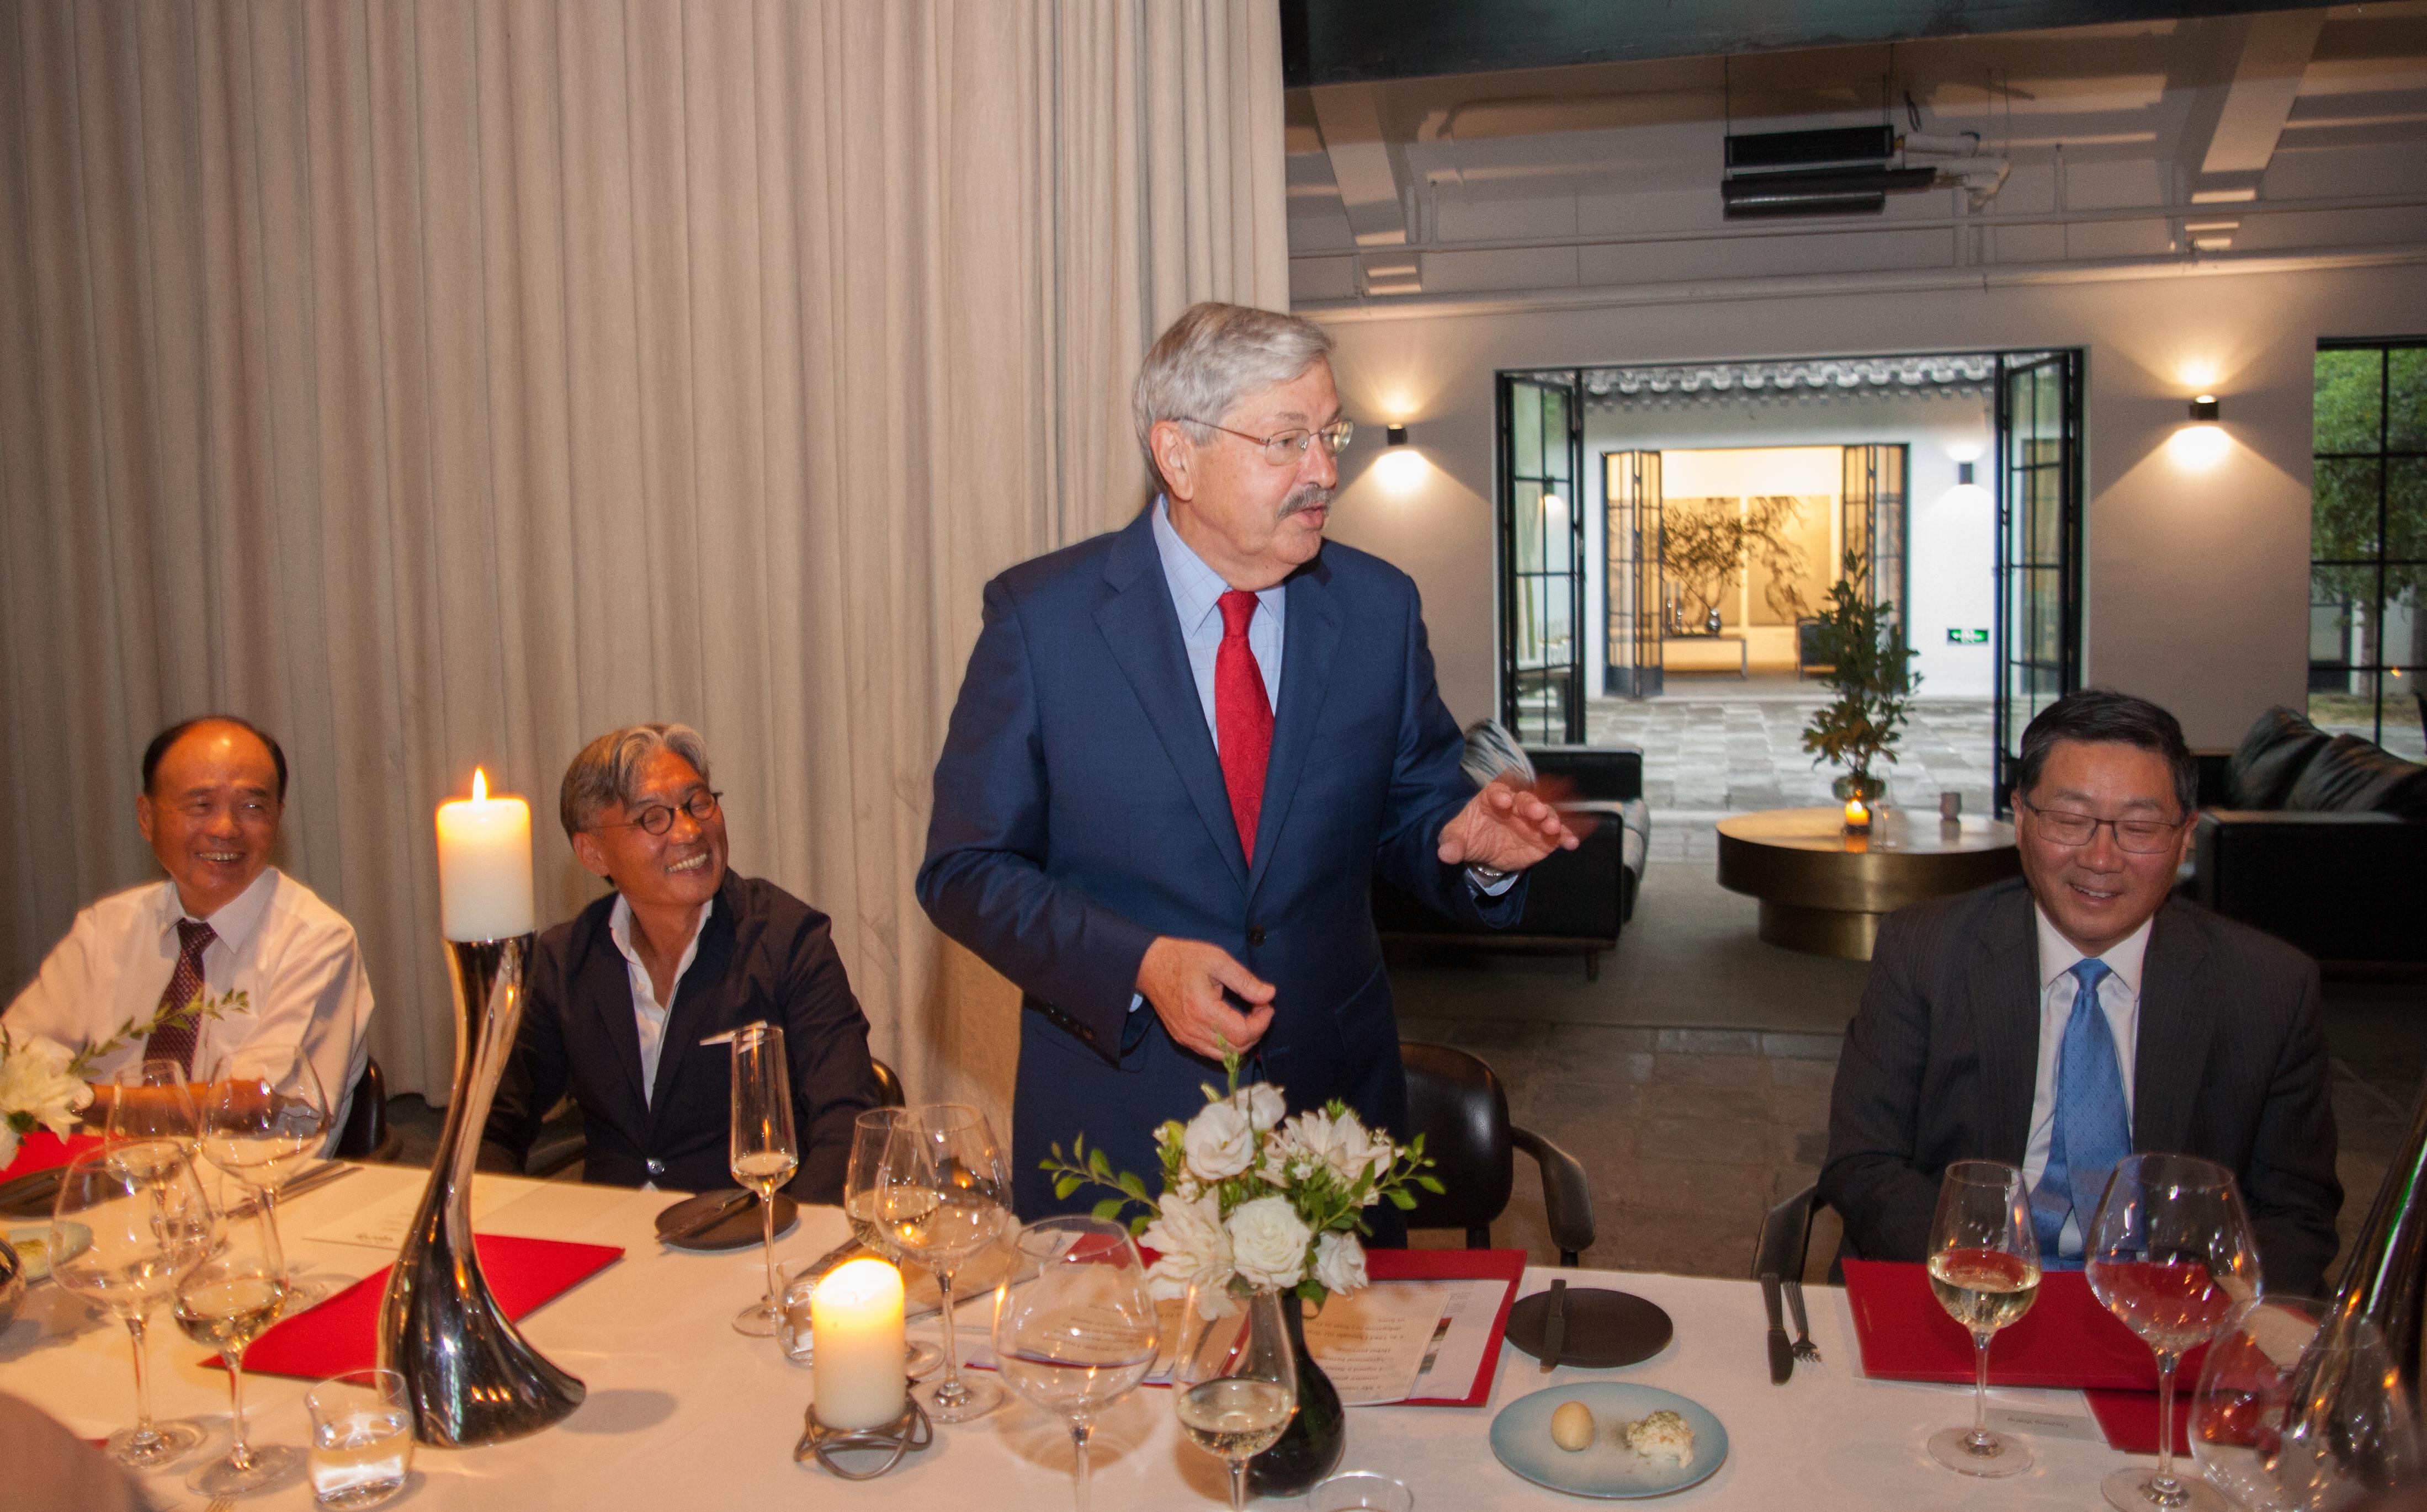 Ambassador Branstad speaks to guests